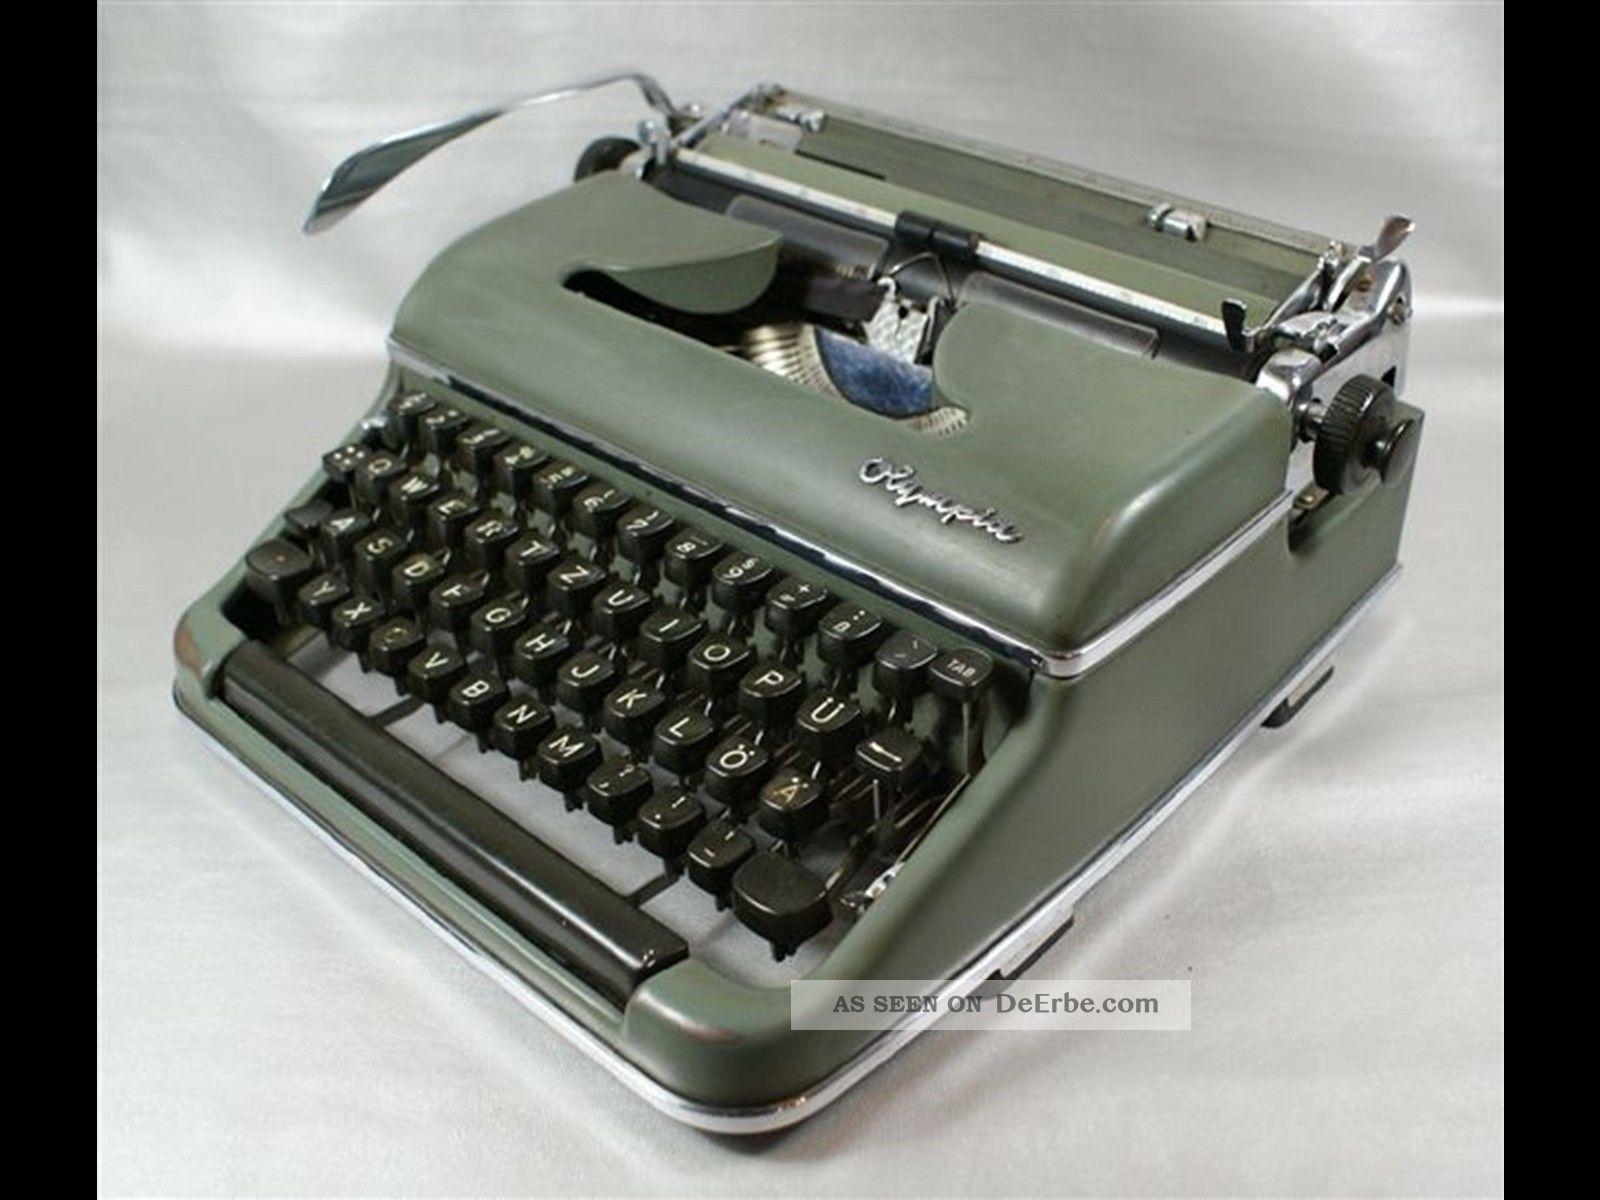 olympia schreibmaschine sm3 reiseschreibmaschine mit koffer. Black Bedroom Furniture Sets. Home Design Ideas